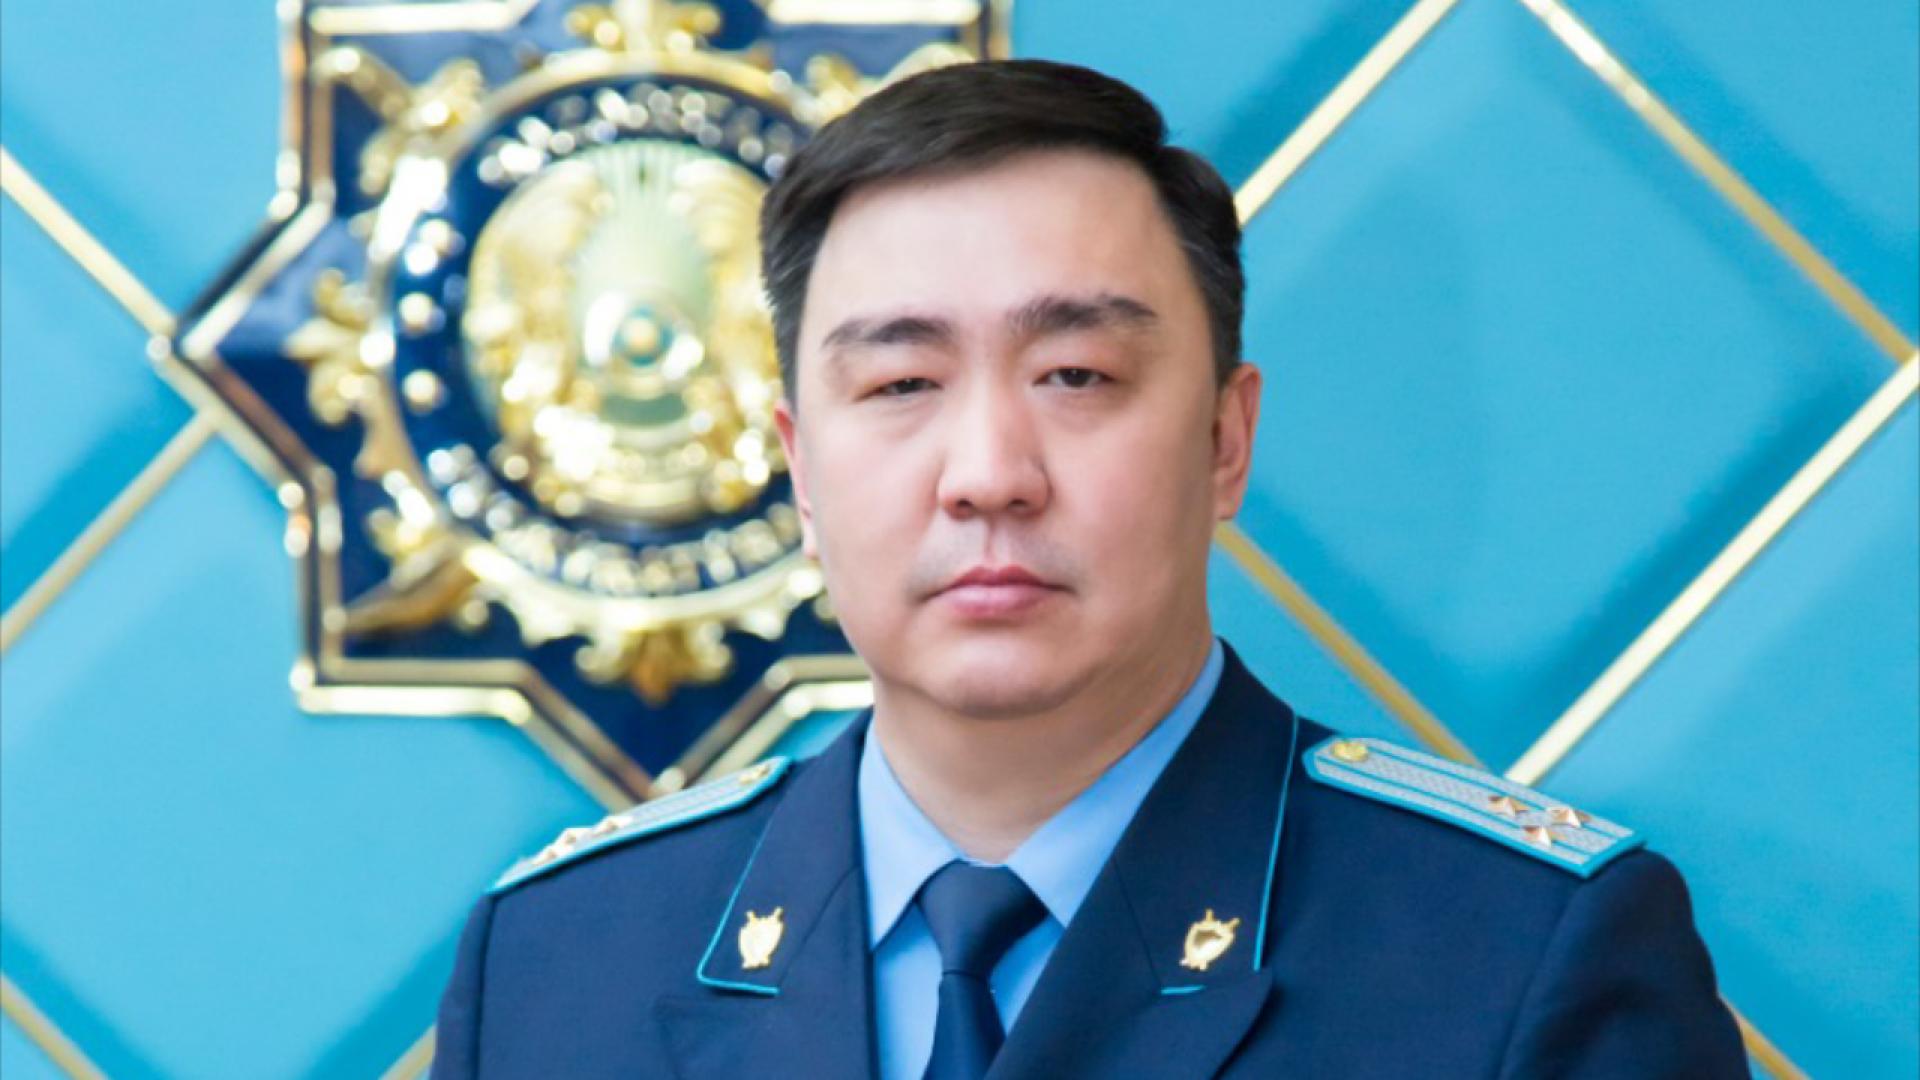 Досье: Бижанов Ерлан  Дауренович, Ерлан Бижанов, досье, прокурор Кызылординской области